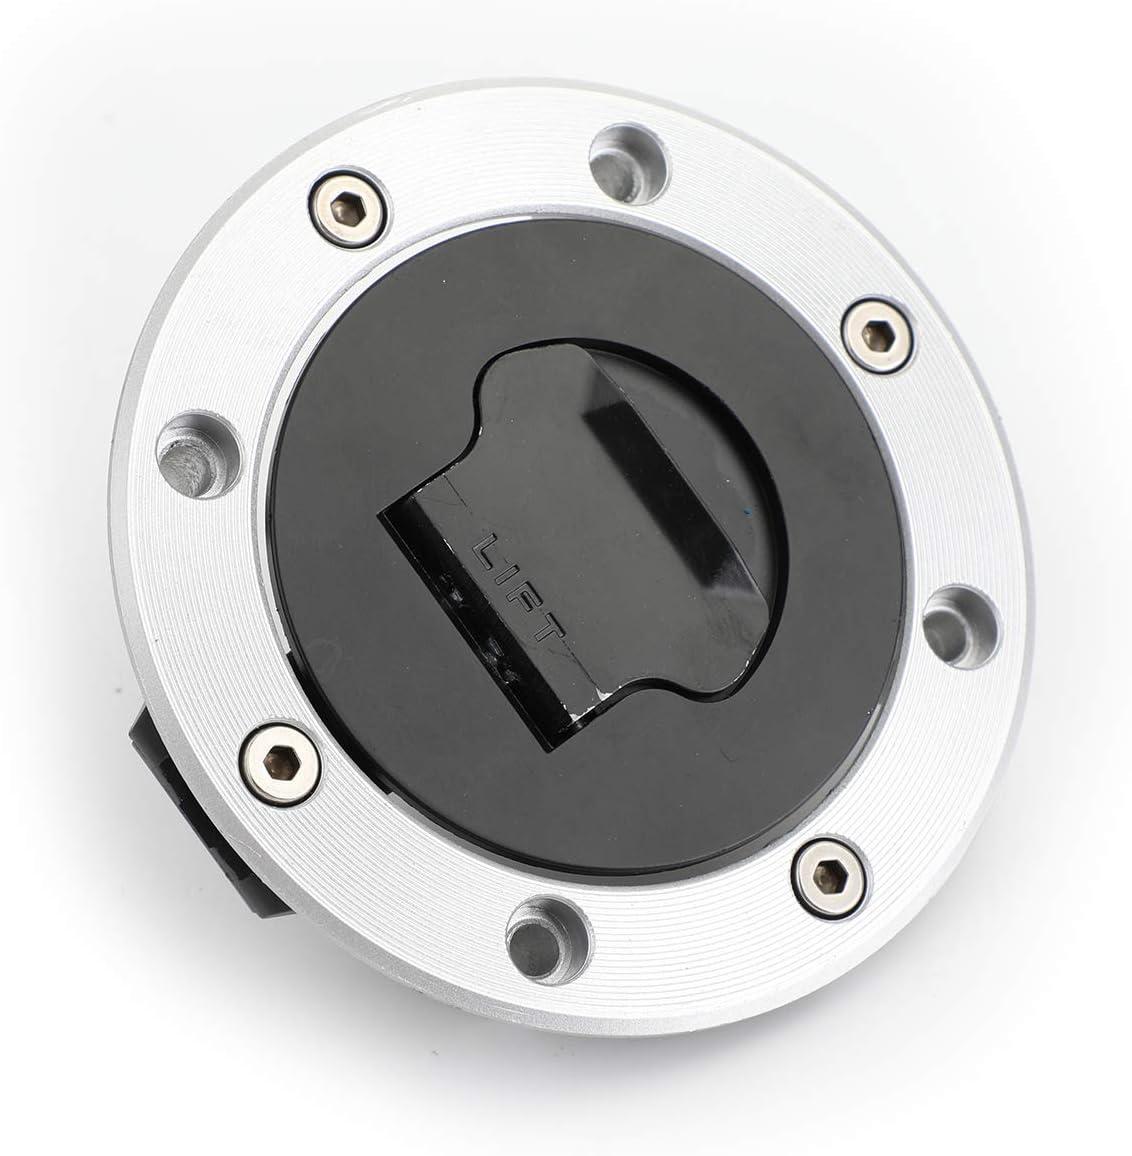 Areyourshop llave de bloqueo de tapa de combustible para interruptor de encendido para Su-zu-ki V-Strom DL650 DL1000 2002-2012